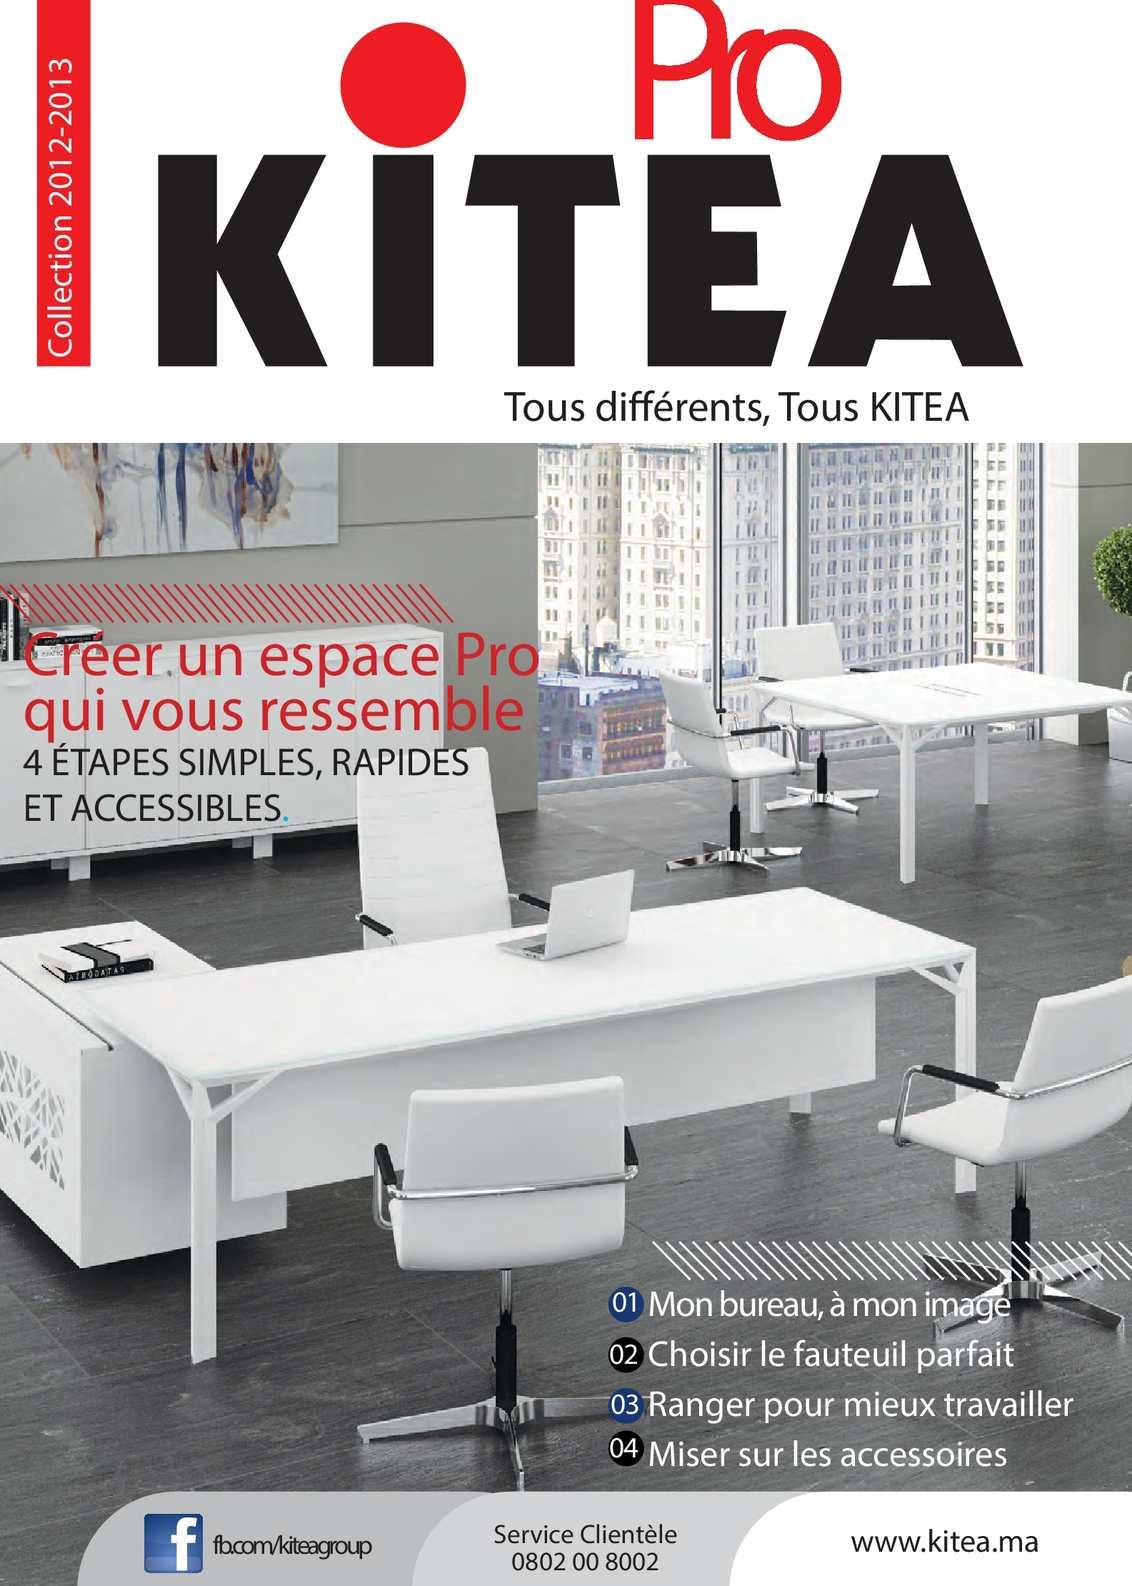 Calam o collection pro kitea 2012 2013 for Bureau kitea